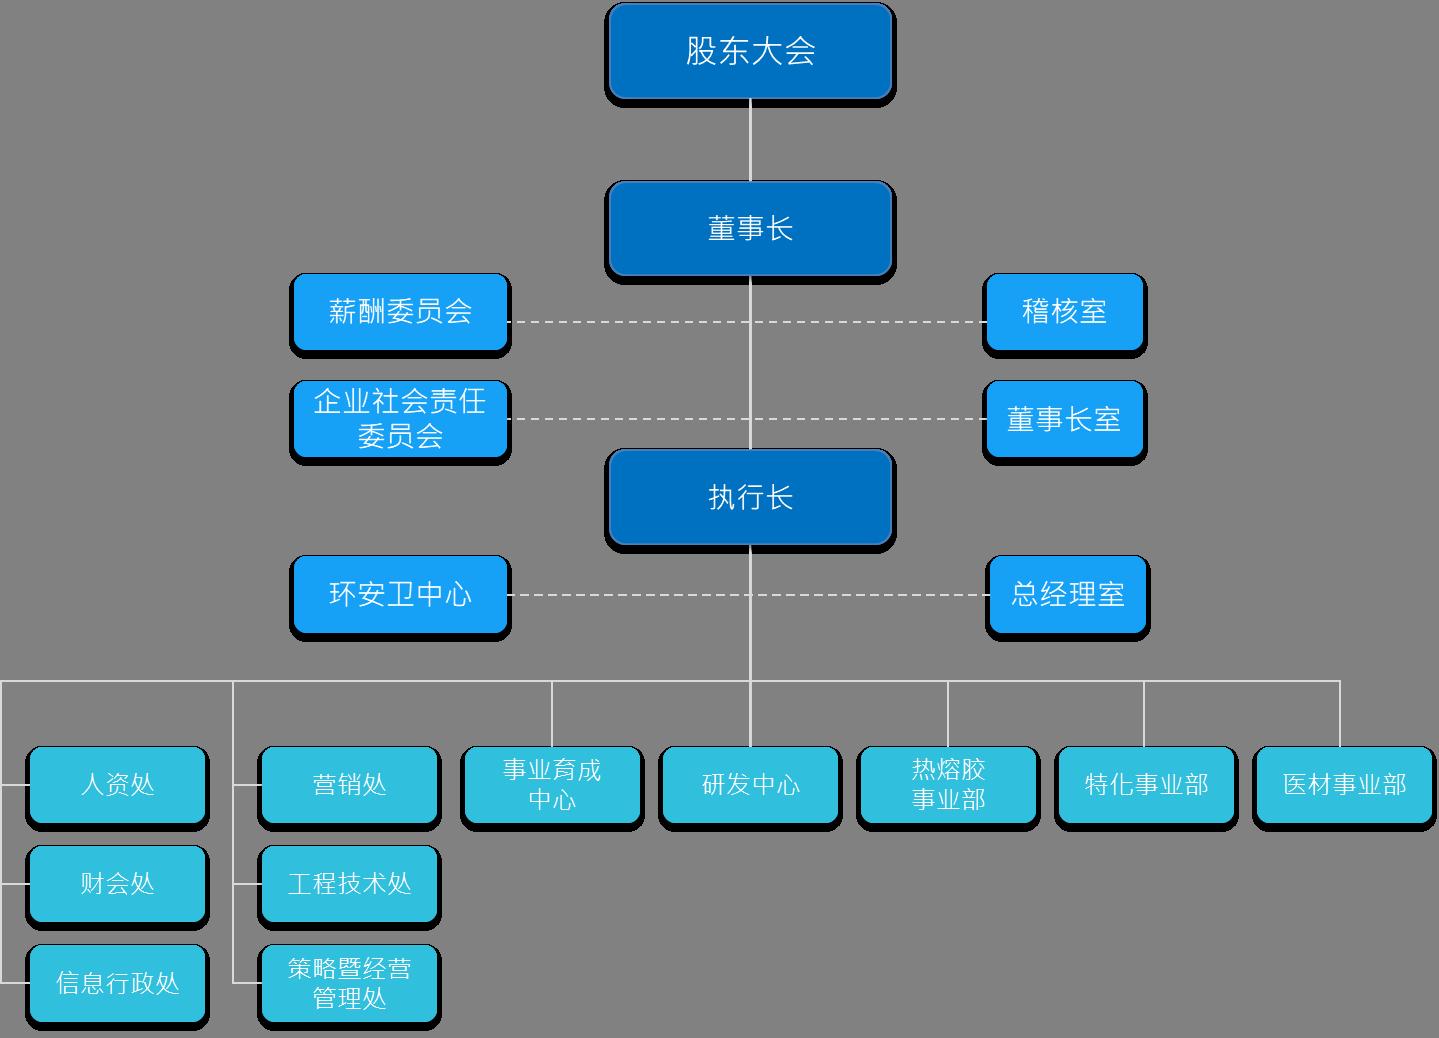 德淵组织结构